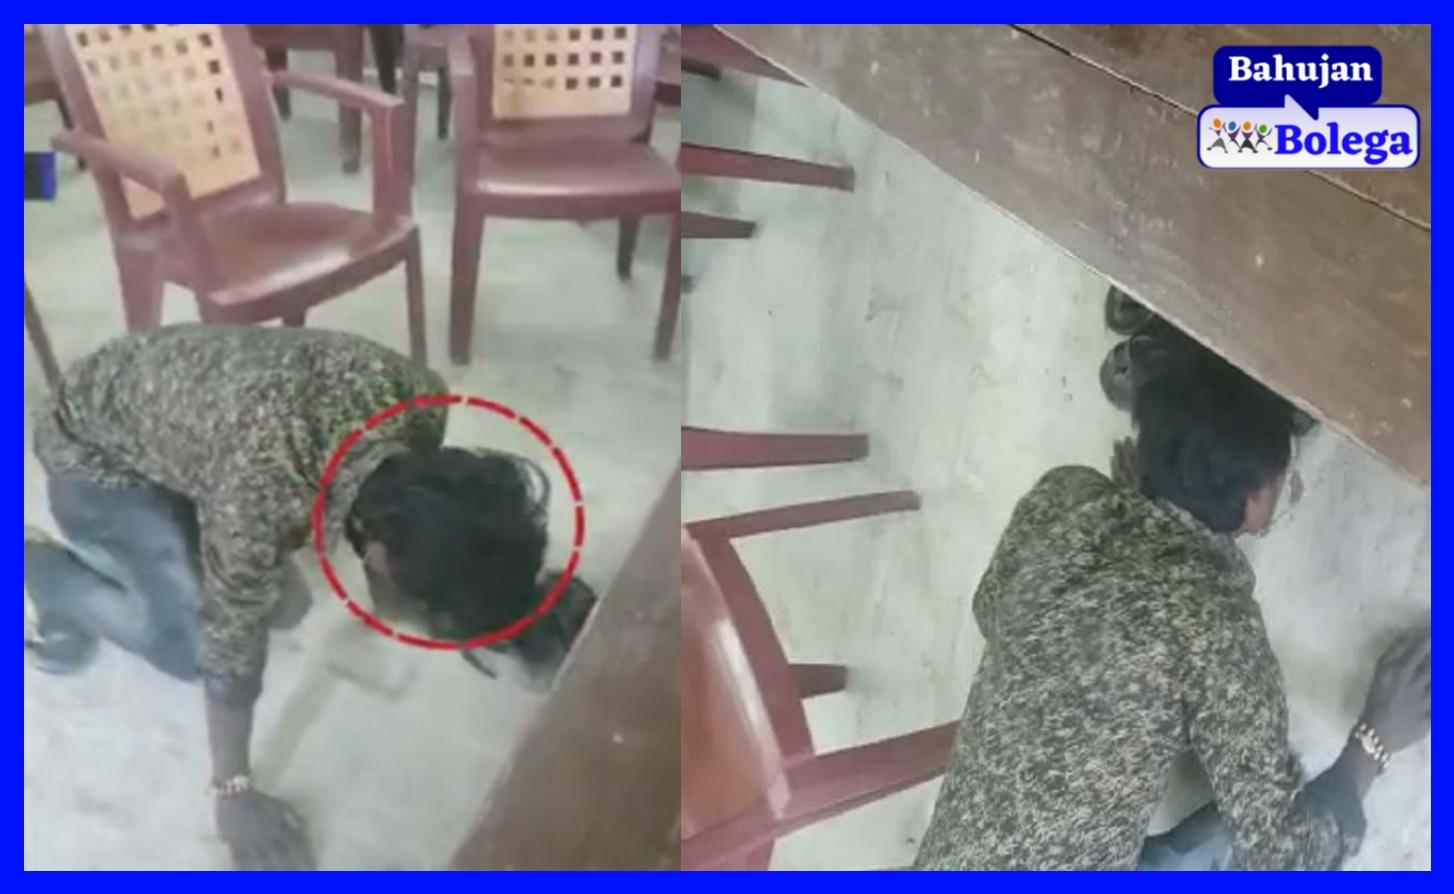 बिहार  दलित युवक को पंचायत में थूक कर उसी को चाटो, वायरल वीडियो की क्या है सच्चाई